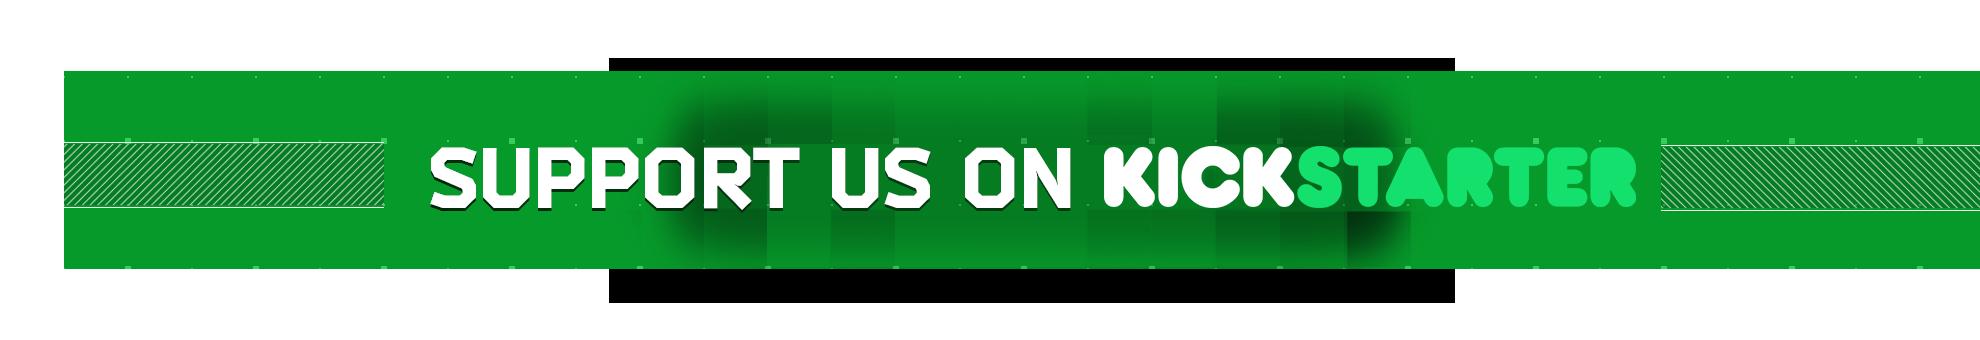 banner kickstarter